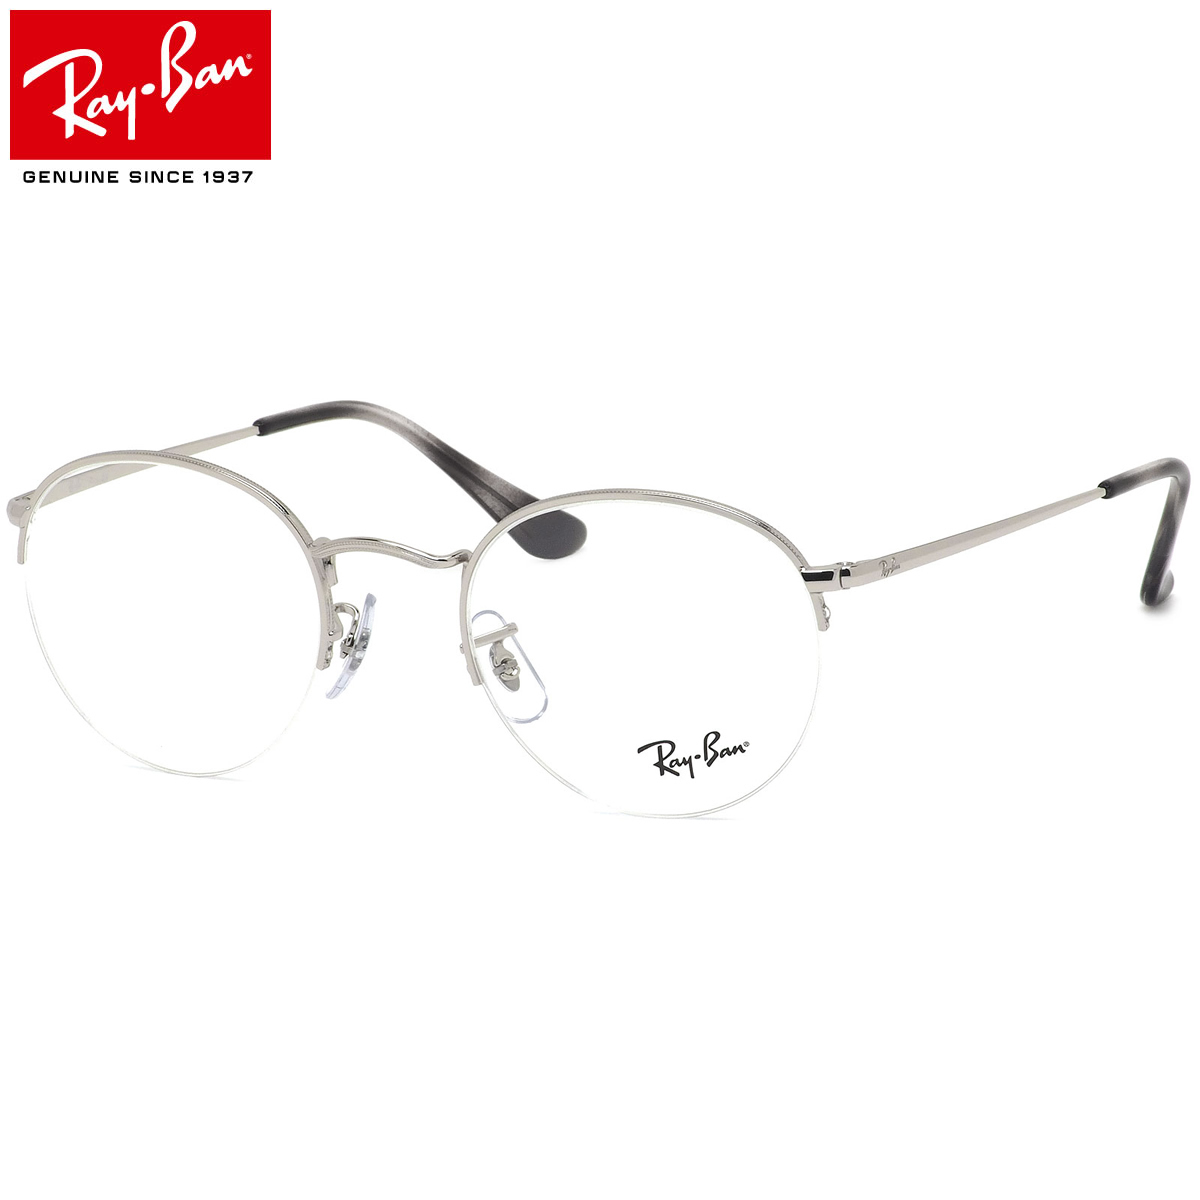 Ray-Ban レイバン メガネ RX3947V 2501 48サイズ ROUND GAZE ラウンドゲーズ ナイロール ハーフリム 丸メガネ おしゃれ シルバー メンズ レディース